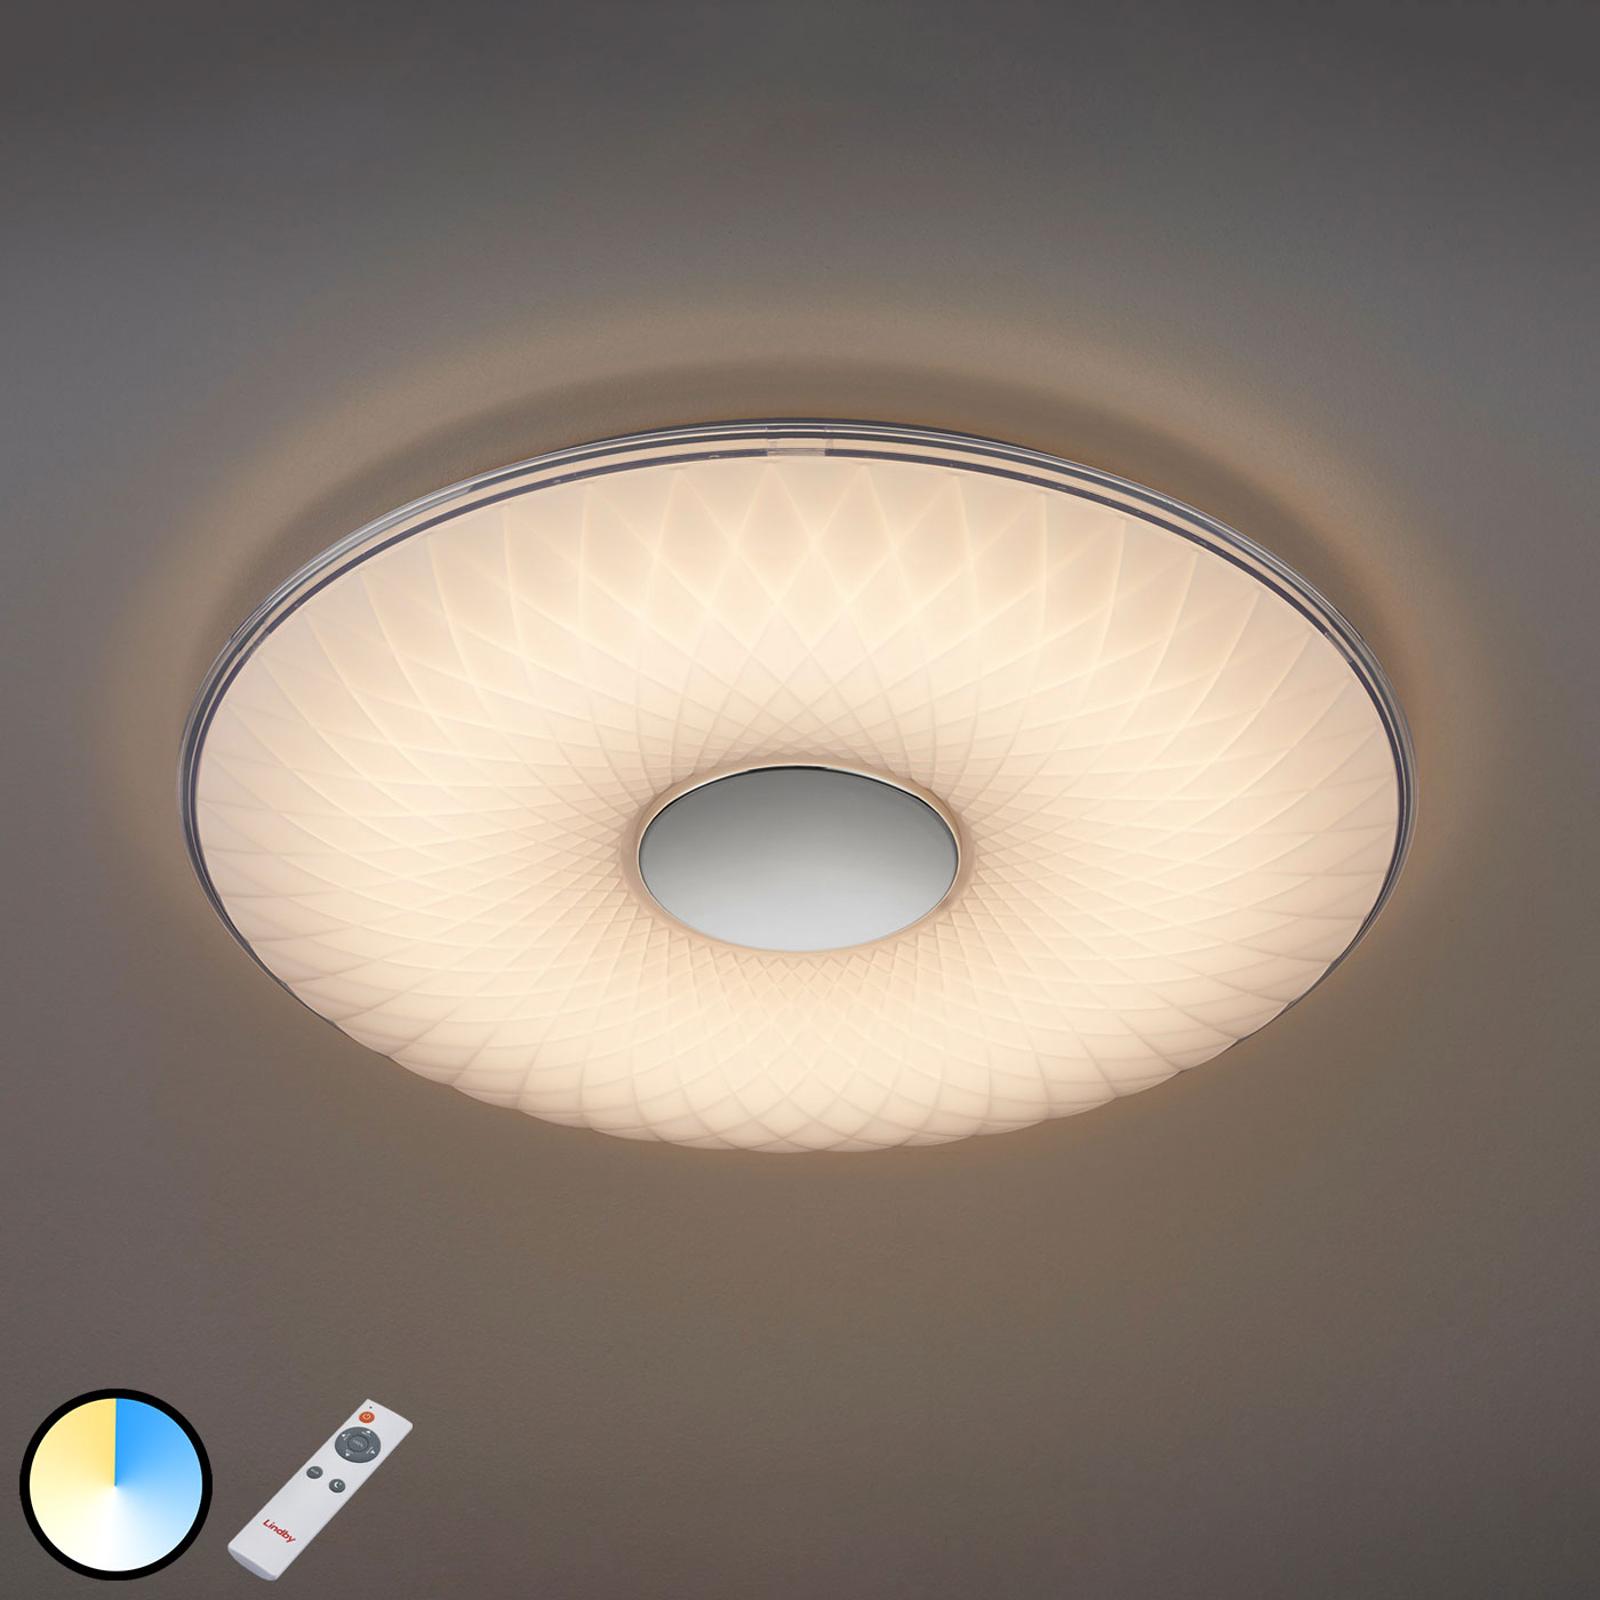 Lampa sufitowa LED Tymon, 3000-5500 K, okrągła